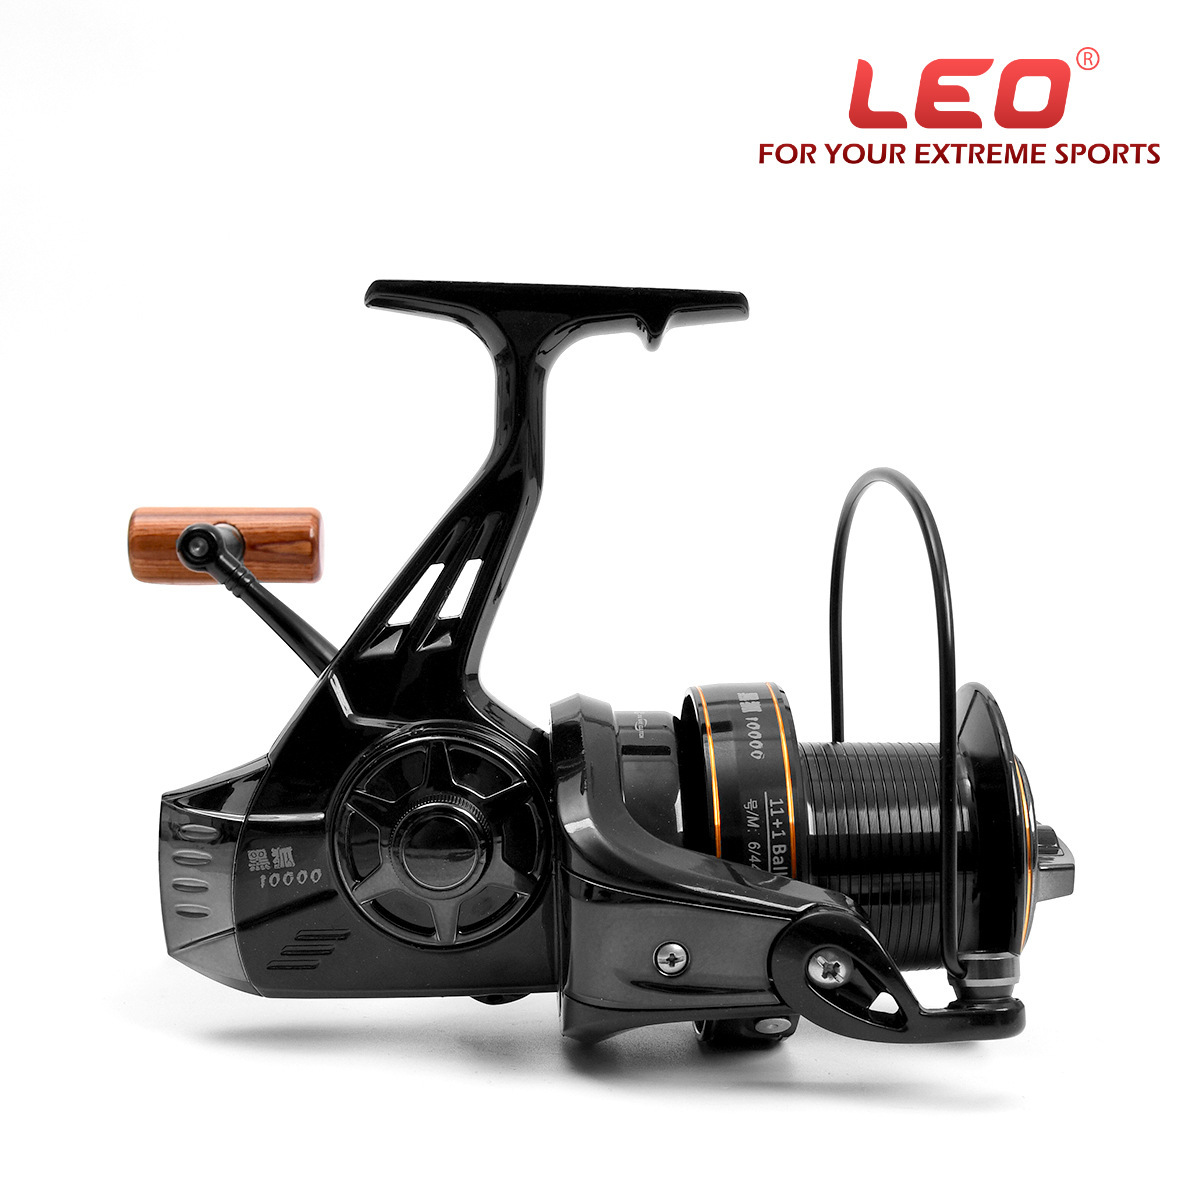 LEO moulinet de pêche rapport de vitesse de roue de rotation 4.1: 1 roulement à billes 11 + 1BB équipement de pêche en acier inoxydable de haute mer 2018 nouveau Pesca